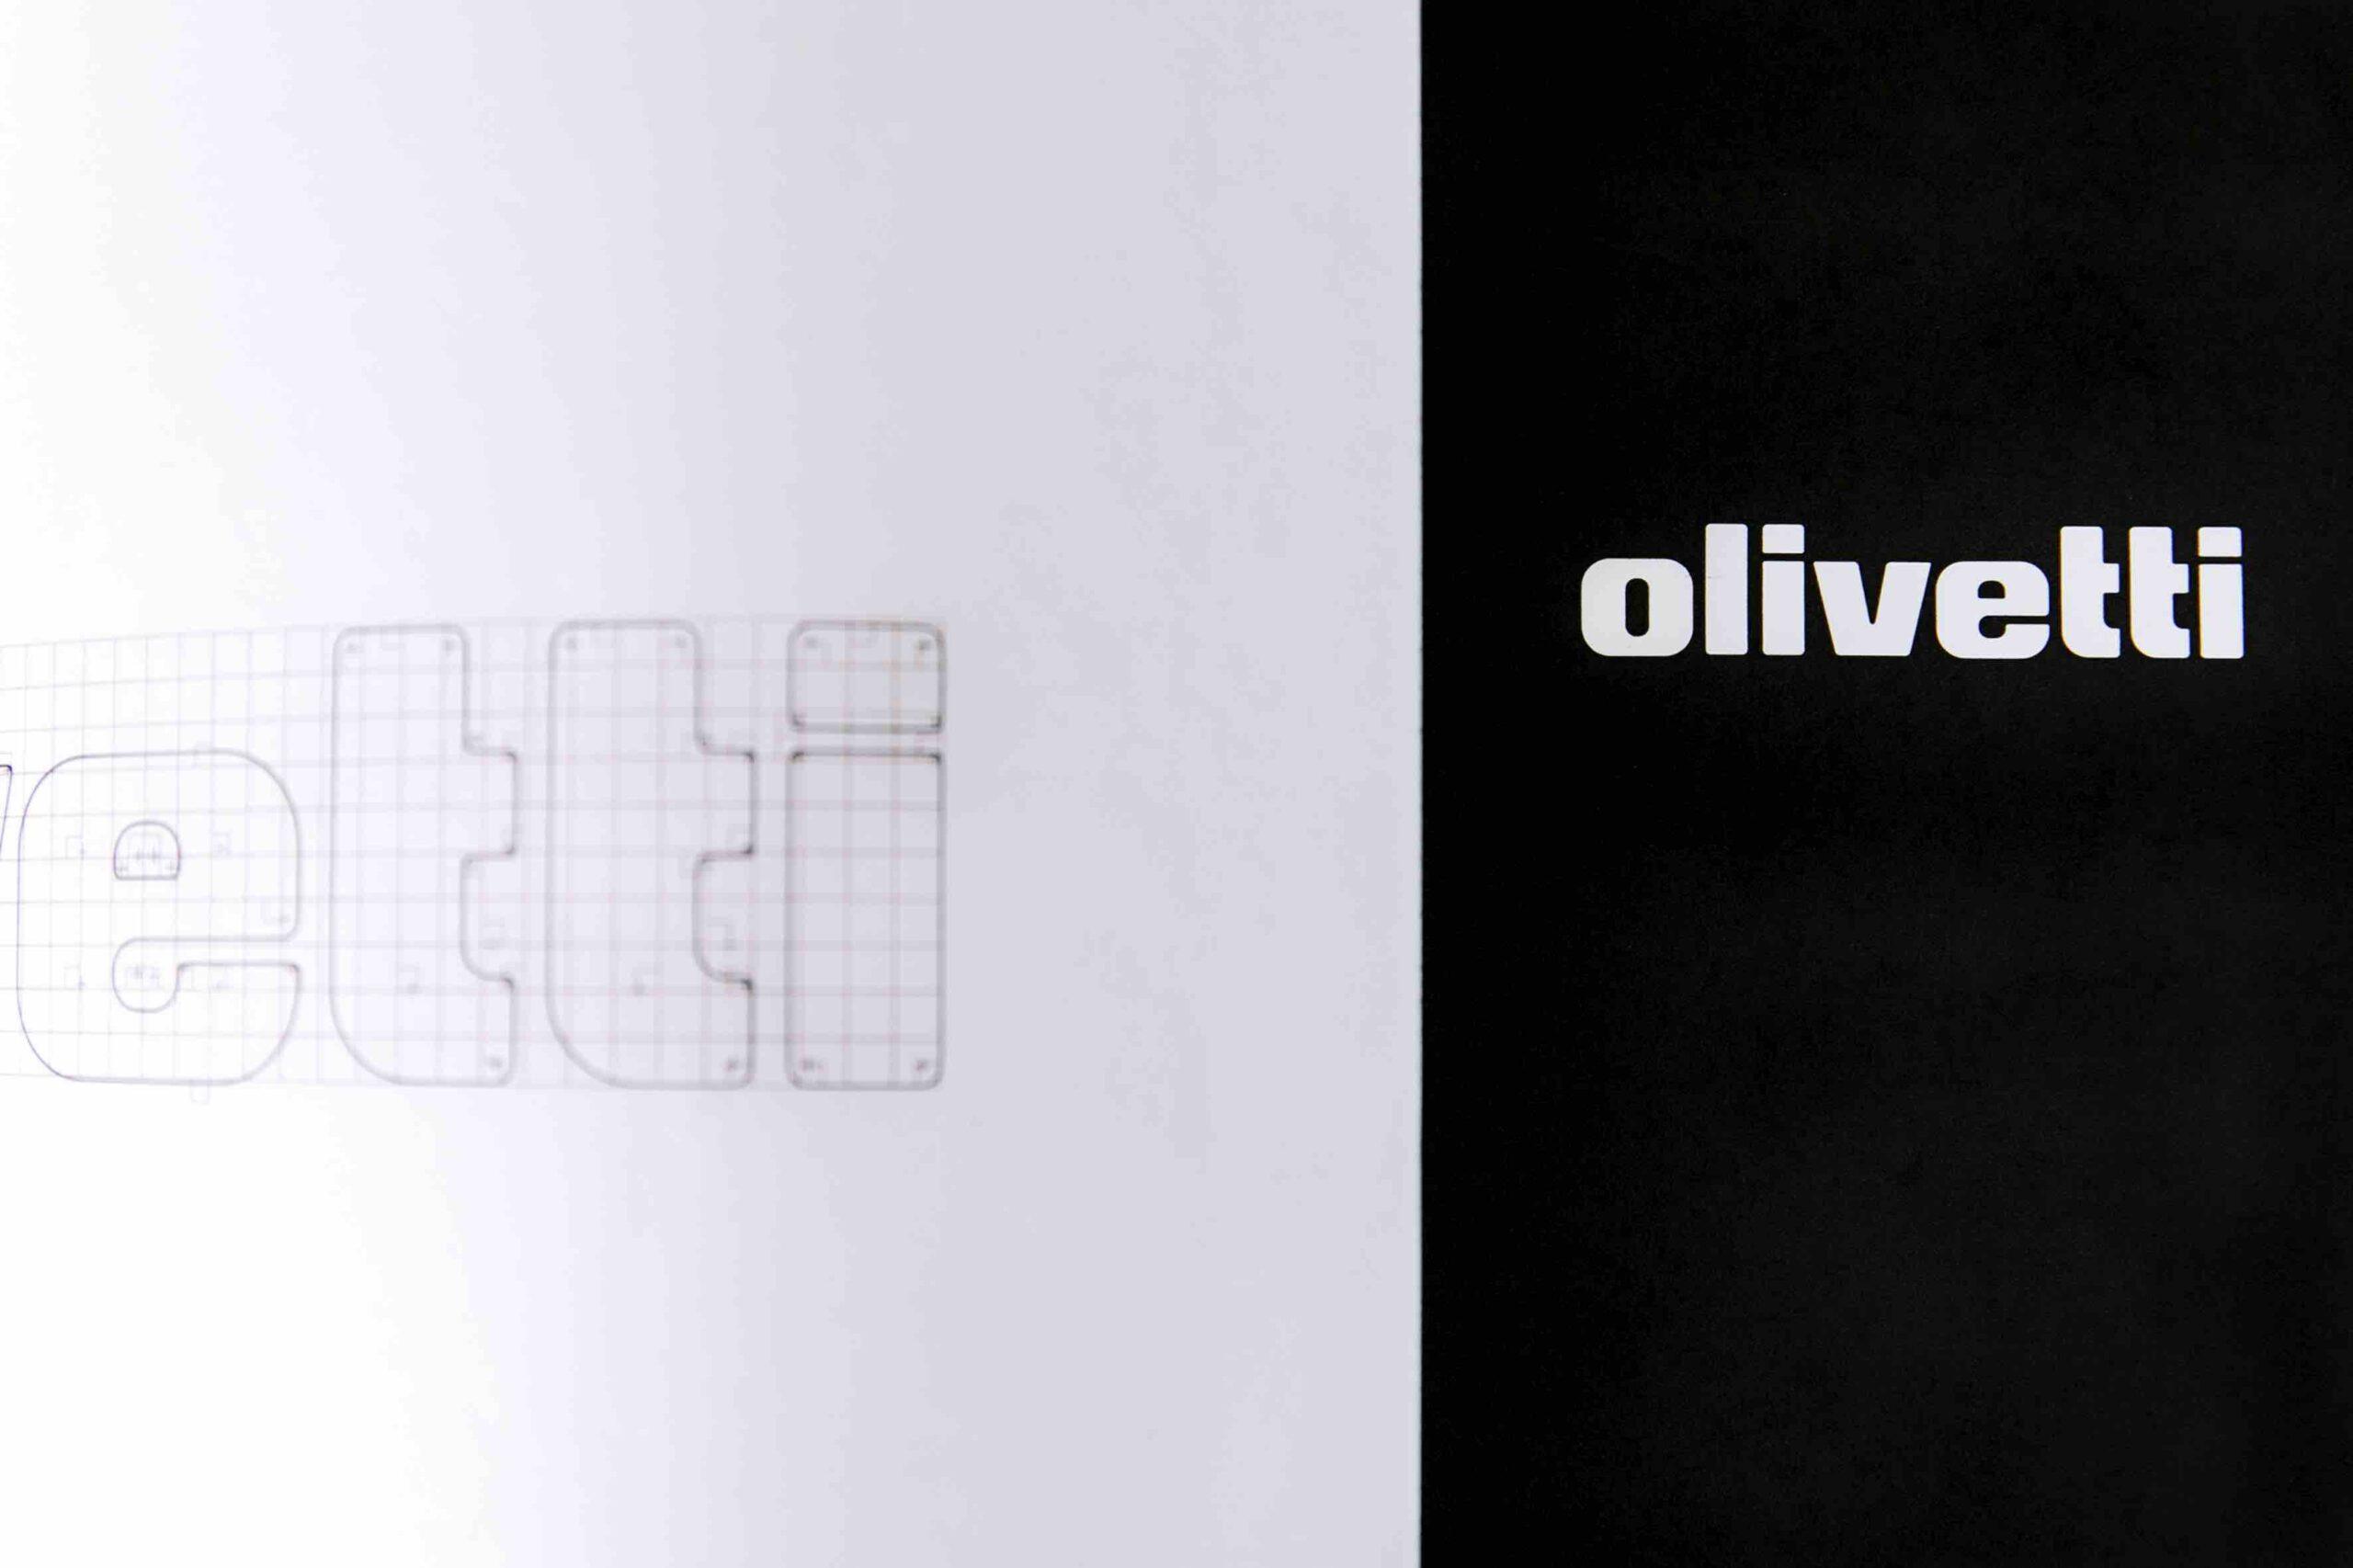 Olivetti Design Contest 2020/2021_AASO Olivetti servizio di corporate image sistemi di identificazione Guccione 3632 scaled